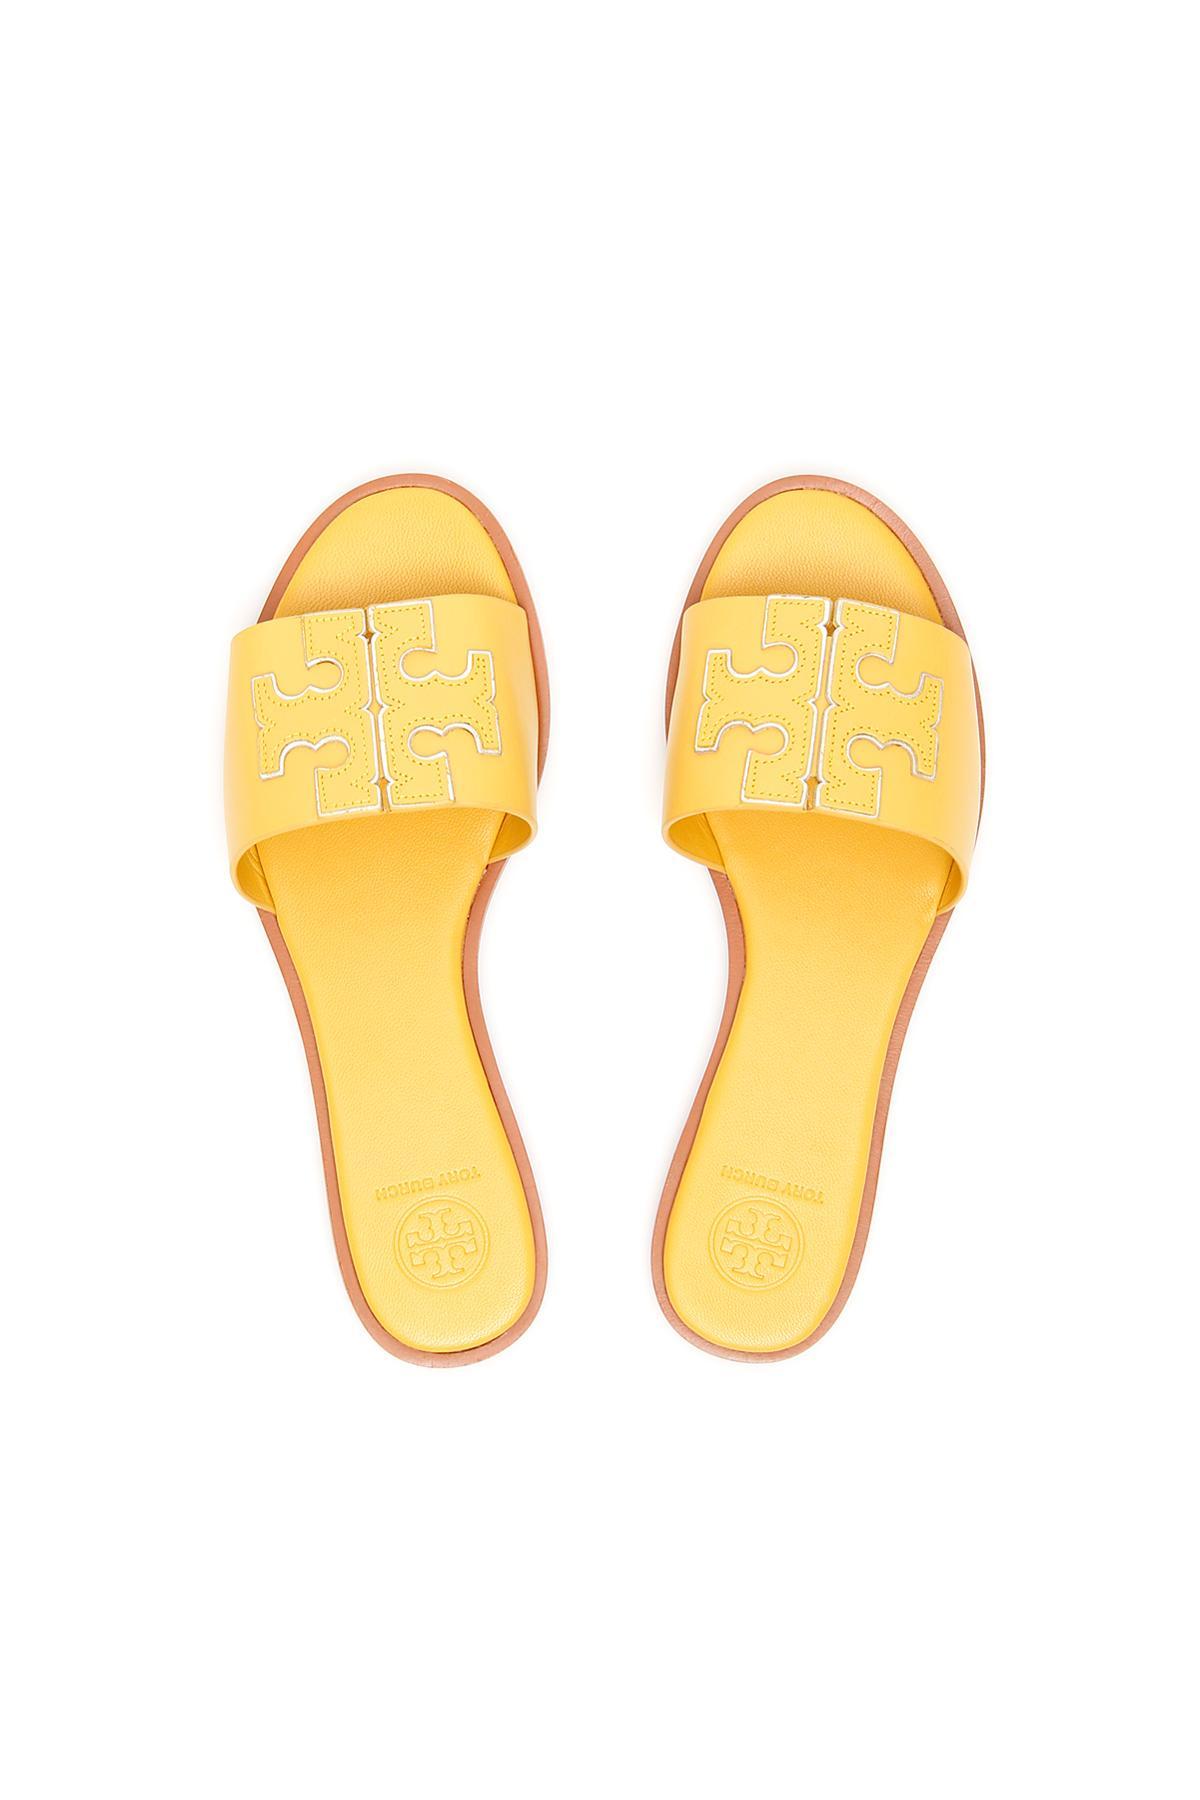 tory burch ines slide yellow